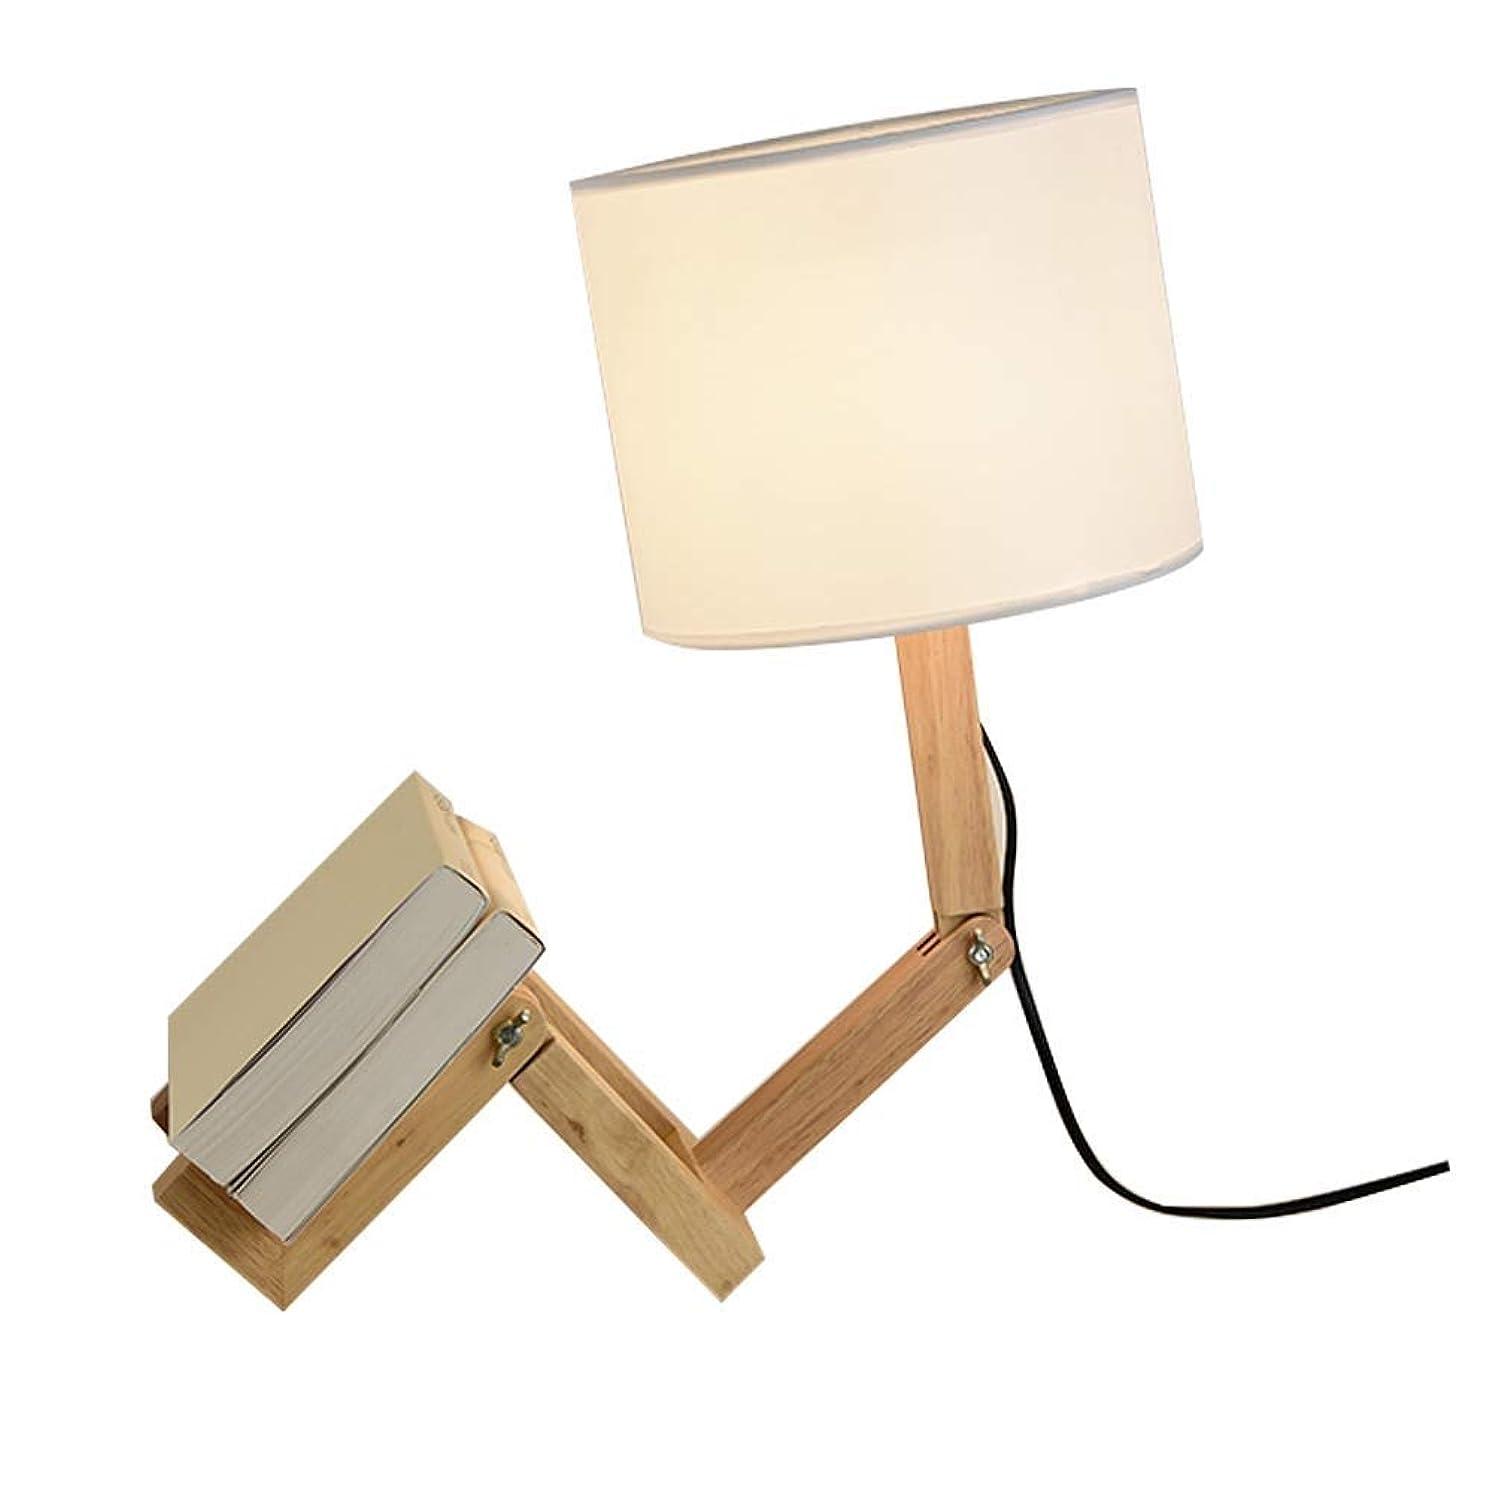 レディカストディアンばかZXvbyuff アームデスクランプスイング - 現代のクリエイティブテーブルランプナチュラルウッドベッドサイドナイトランプはベッドルームのために、研究、オフィス、仕事、キッズルーム、理想のギフト